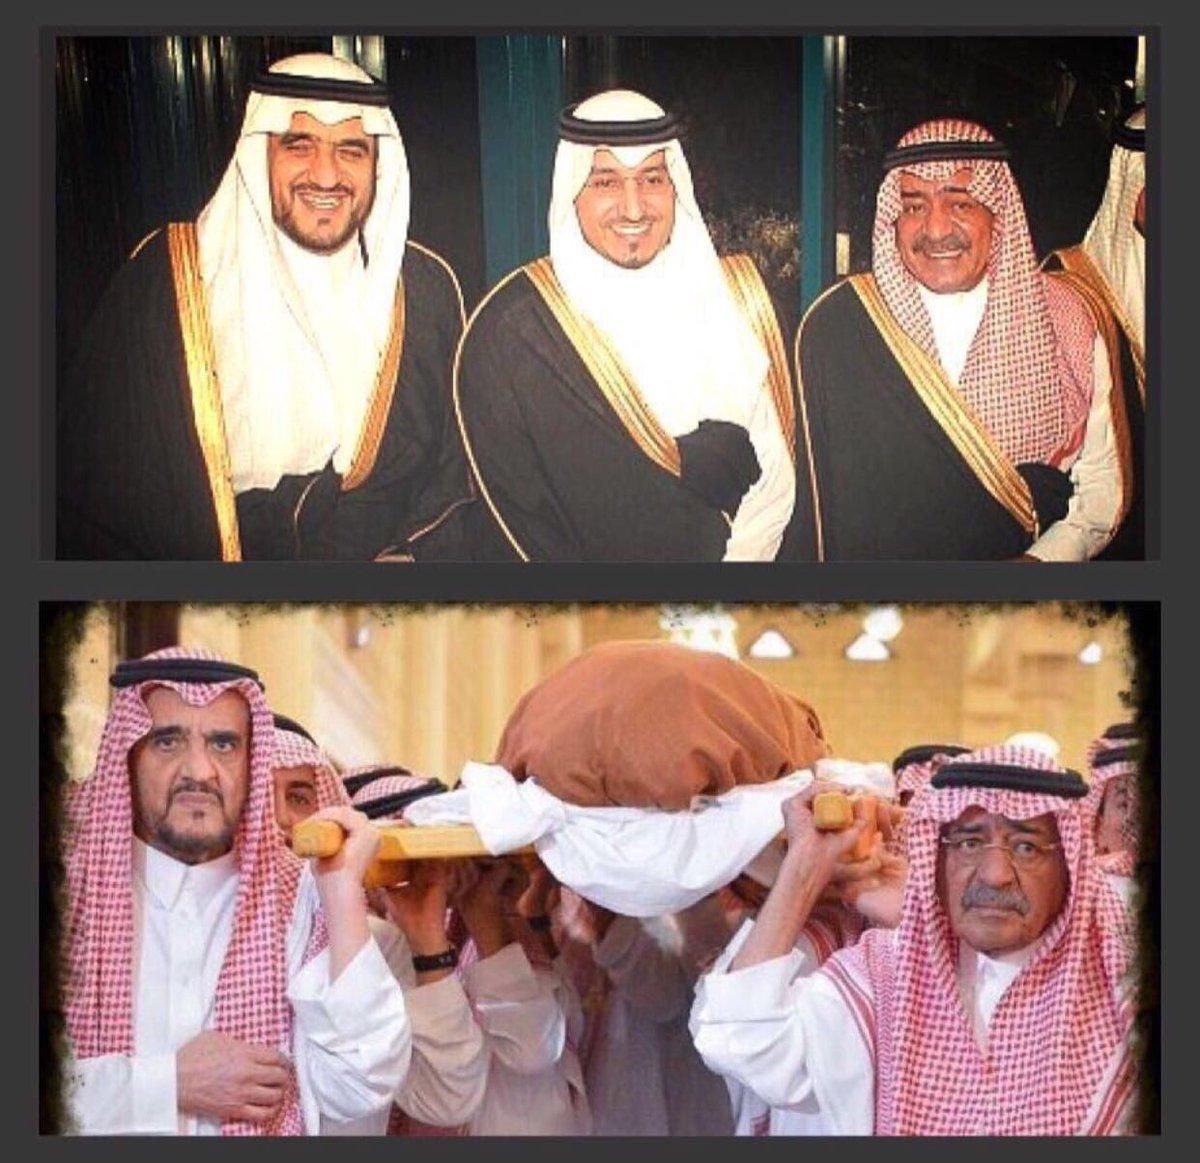 رحم الله عبده منصور بن متعب.  الصور تتحد...